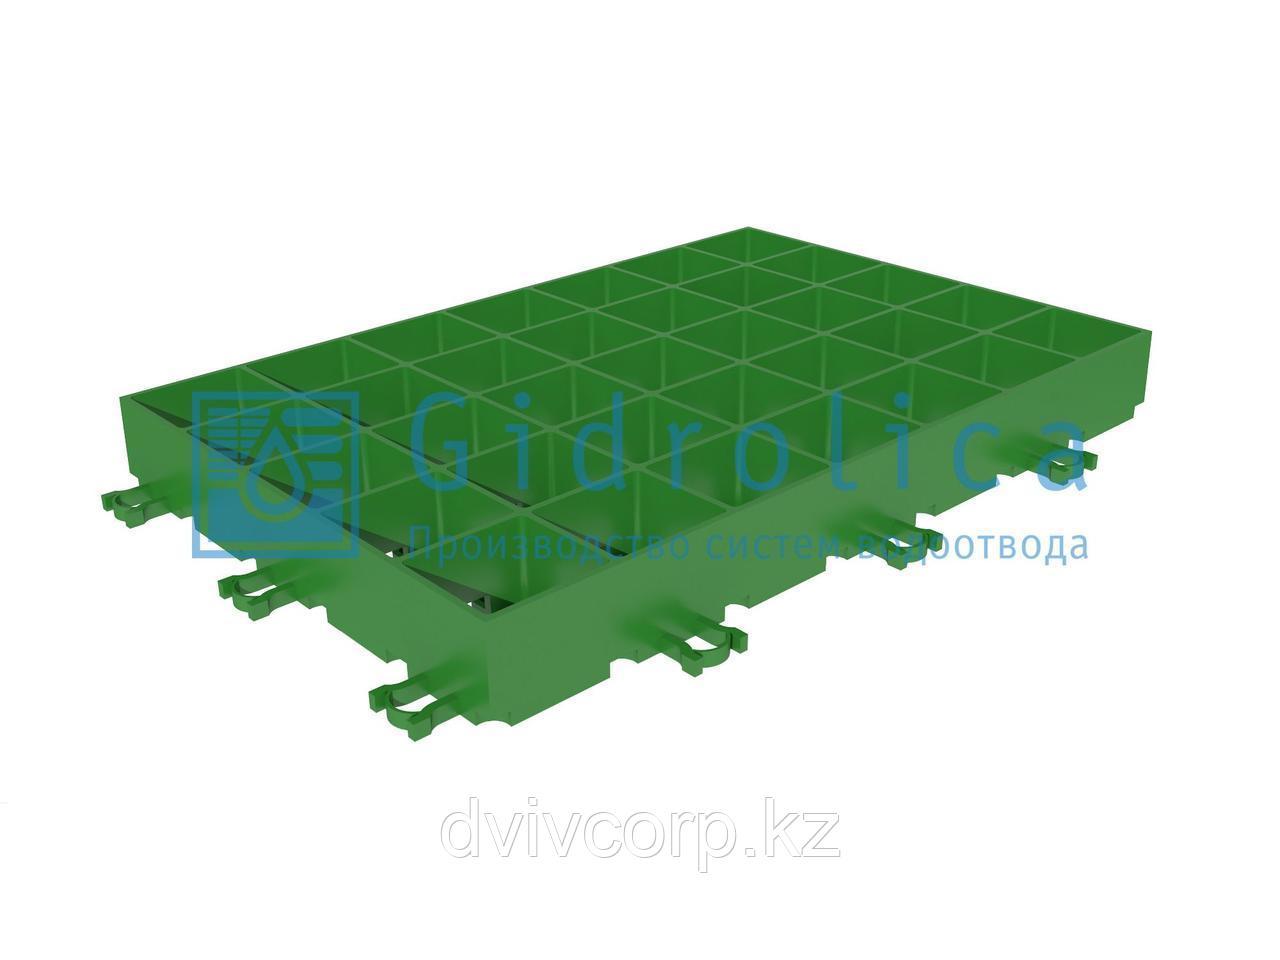 Арт. 601 Газонная Решетка Gidrolica Eco Super РГ-60.40.6,4 - пластиковая зеленая